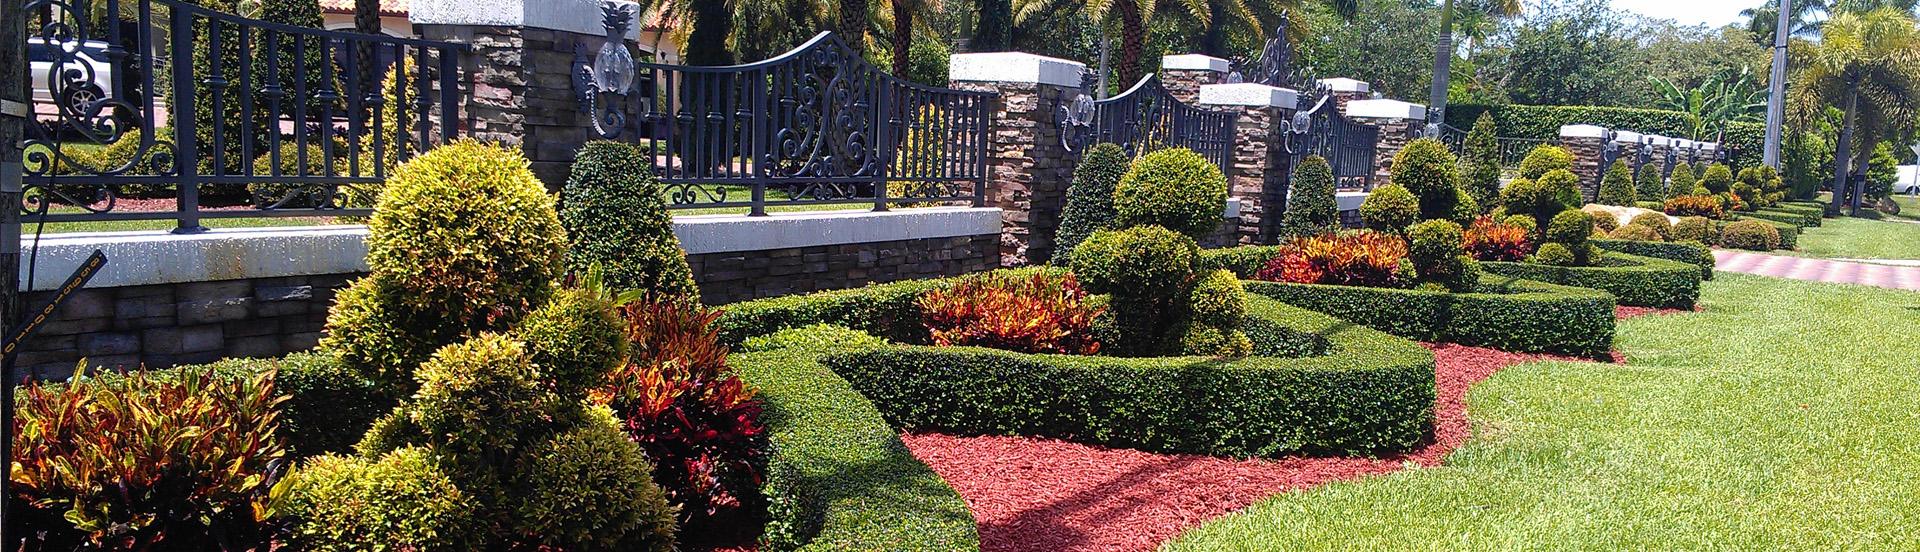 Garden Design in Broward